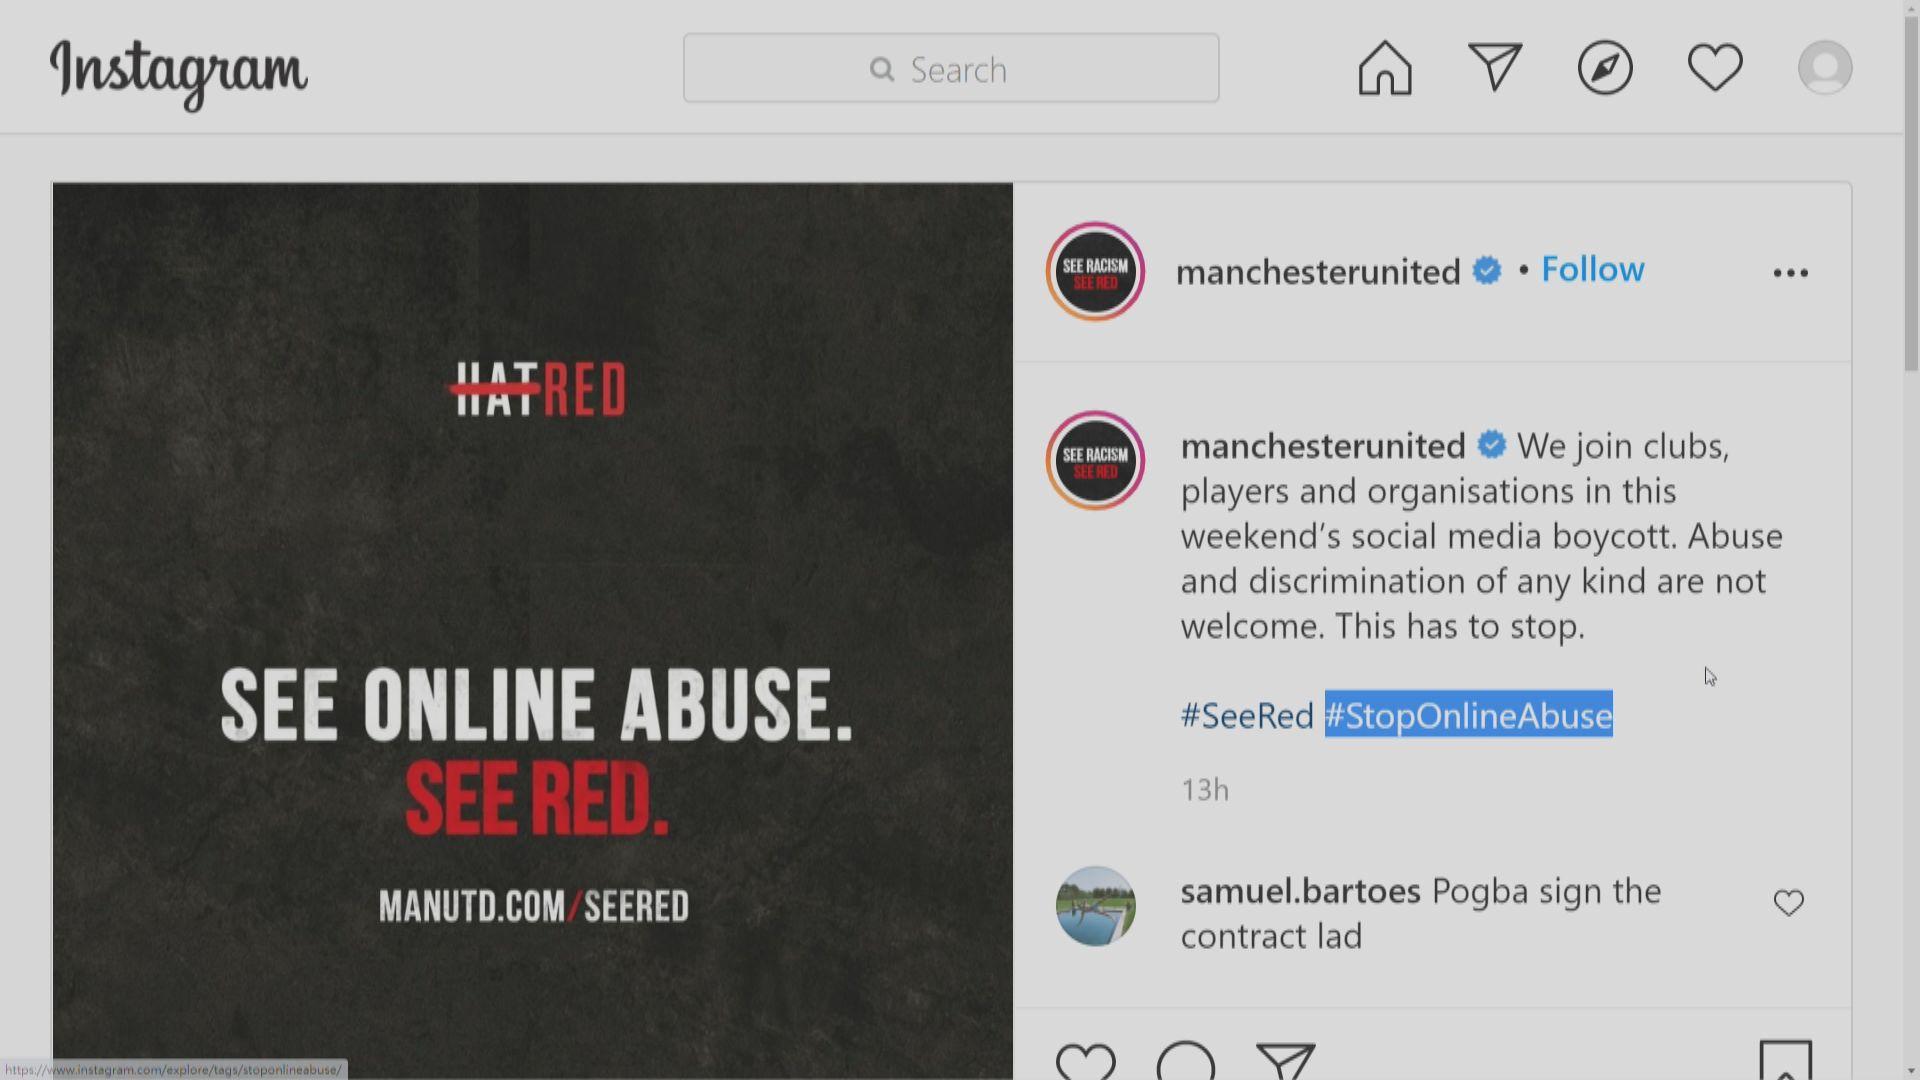 英足球圈杯葛社交媒體抗議種族歧視